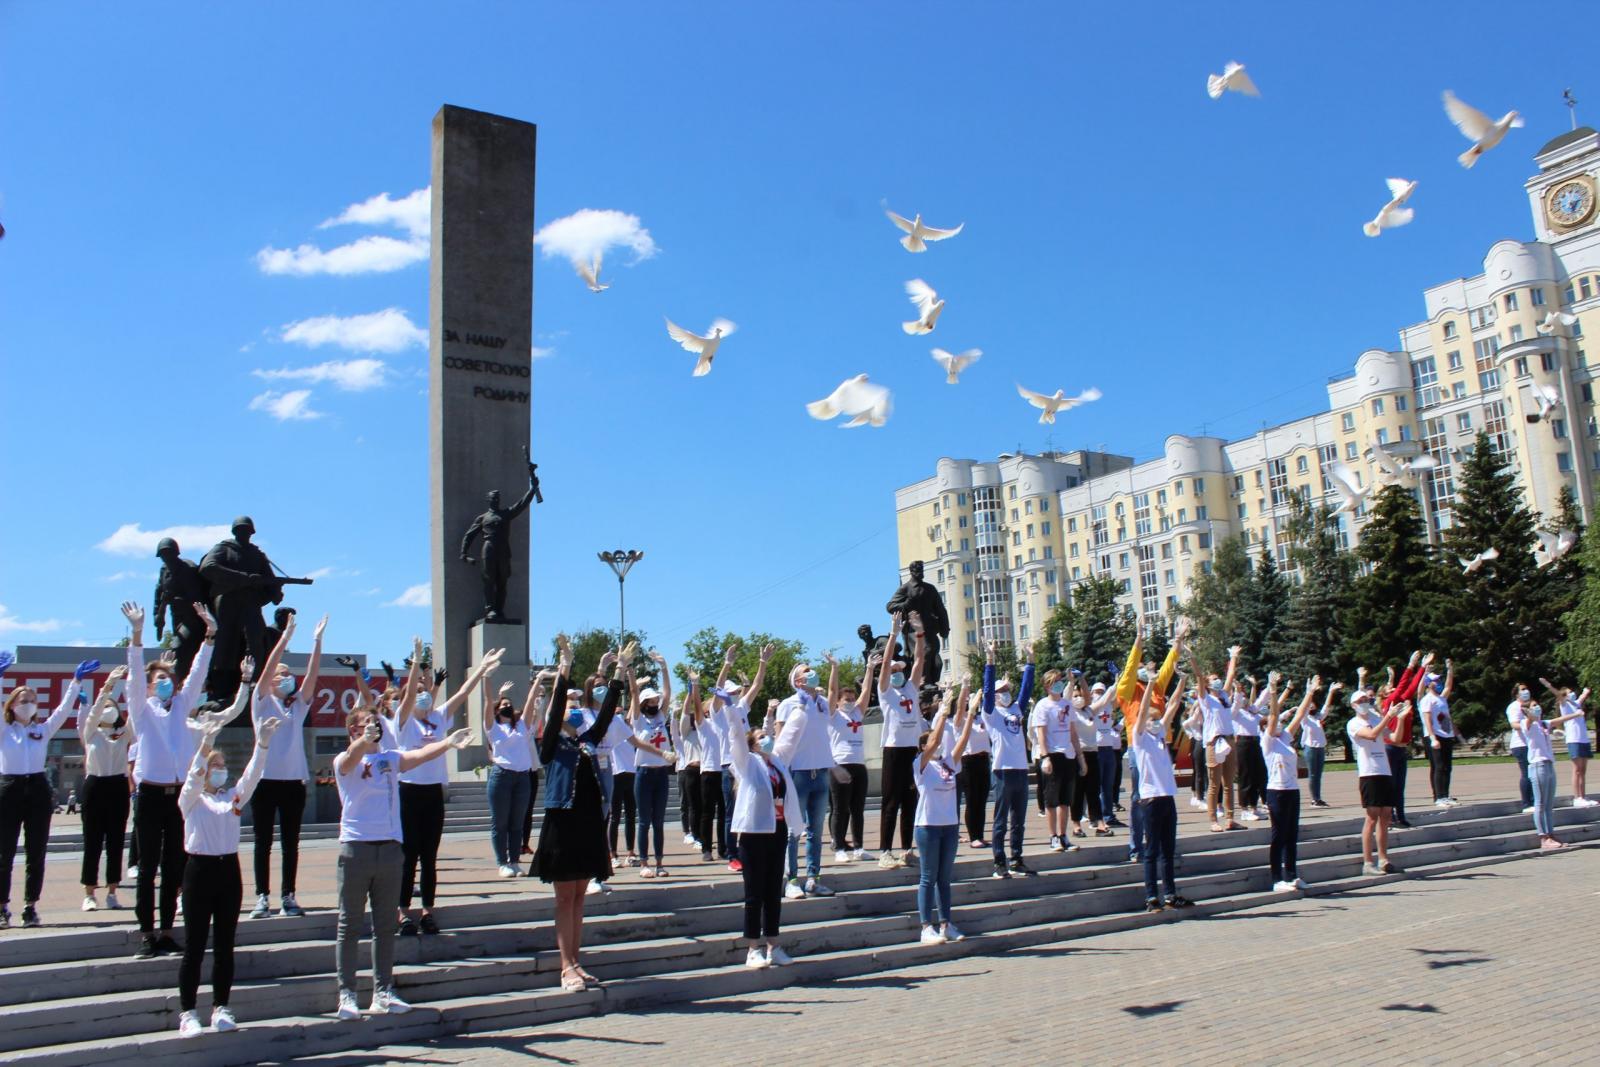 В Брянске 40 белых голубей взмыли в воздух